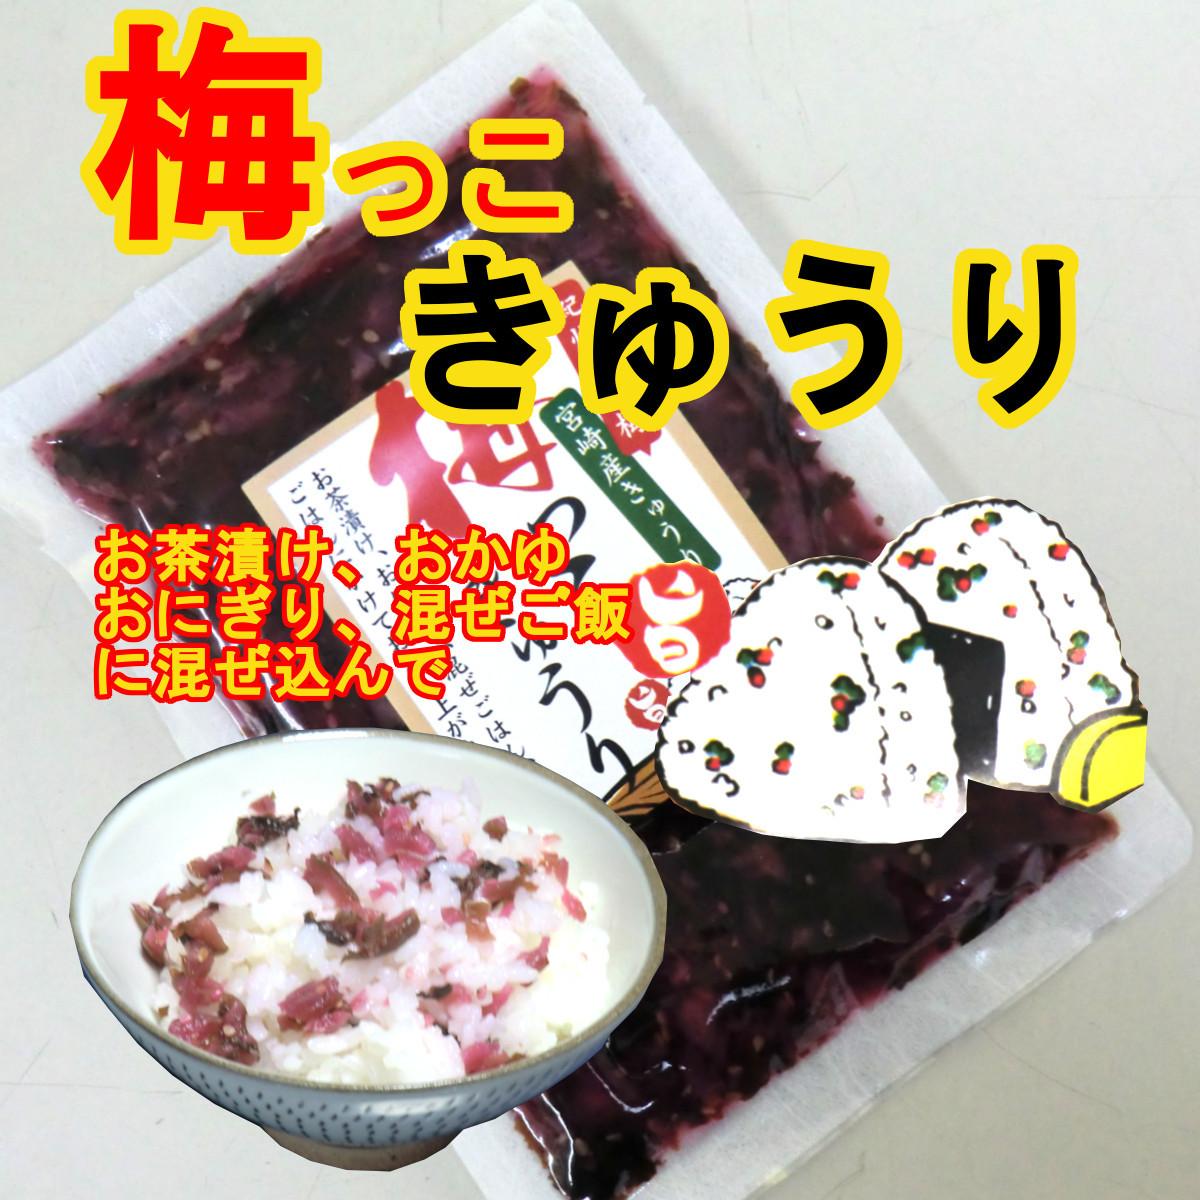 おかず3種2セット  梅っこきゅうり ごぼう たくあん ご飯のお供 おにぎり おつまみ 宮崎県産のお漬物 送料無料 _画像3